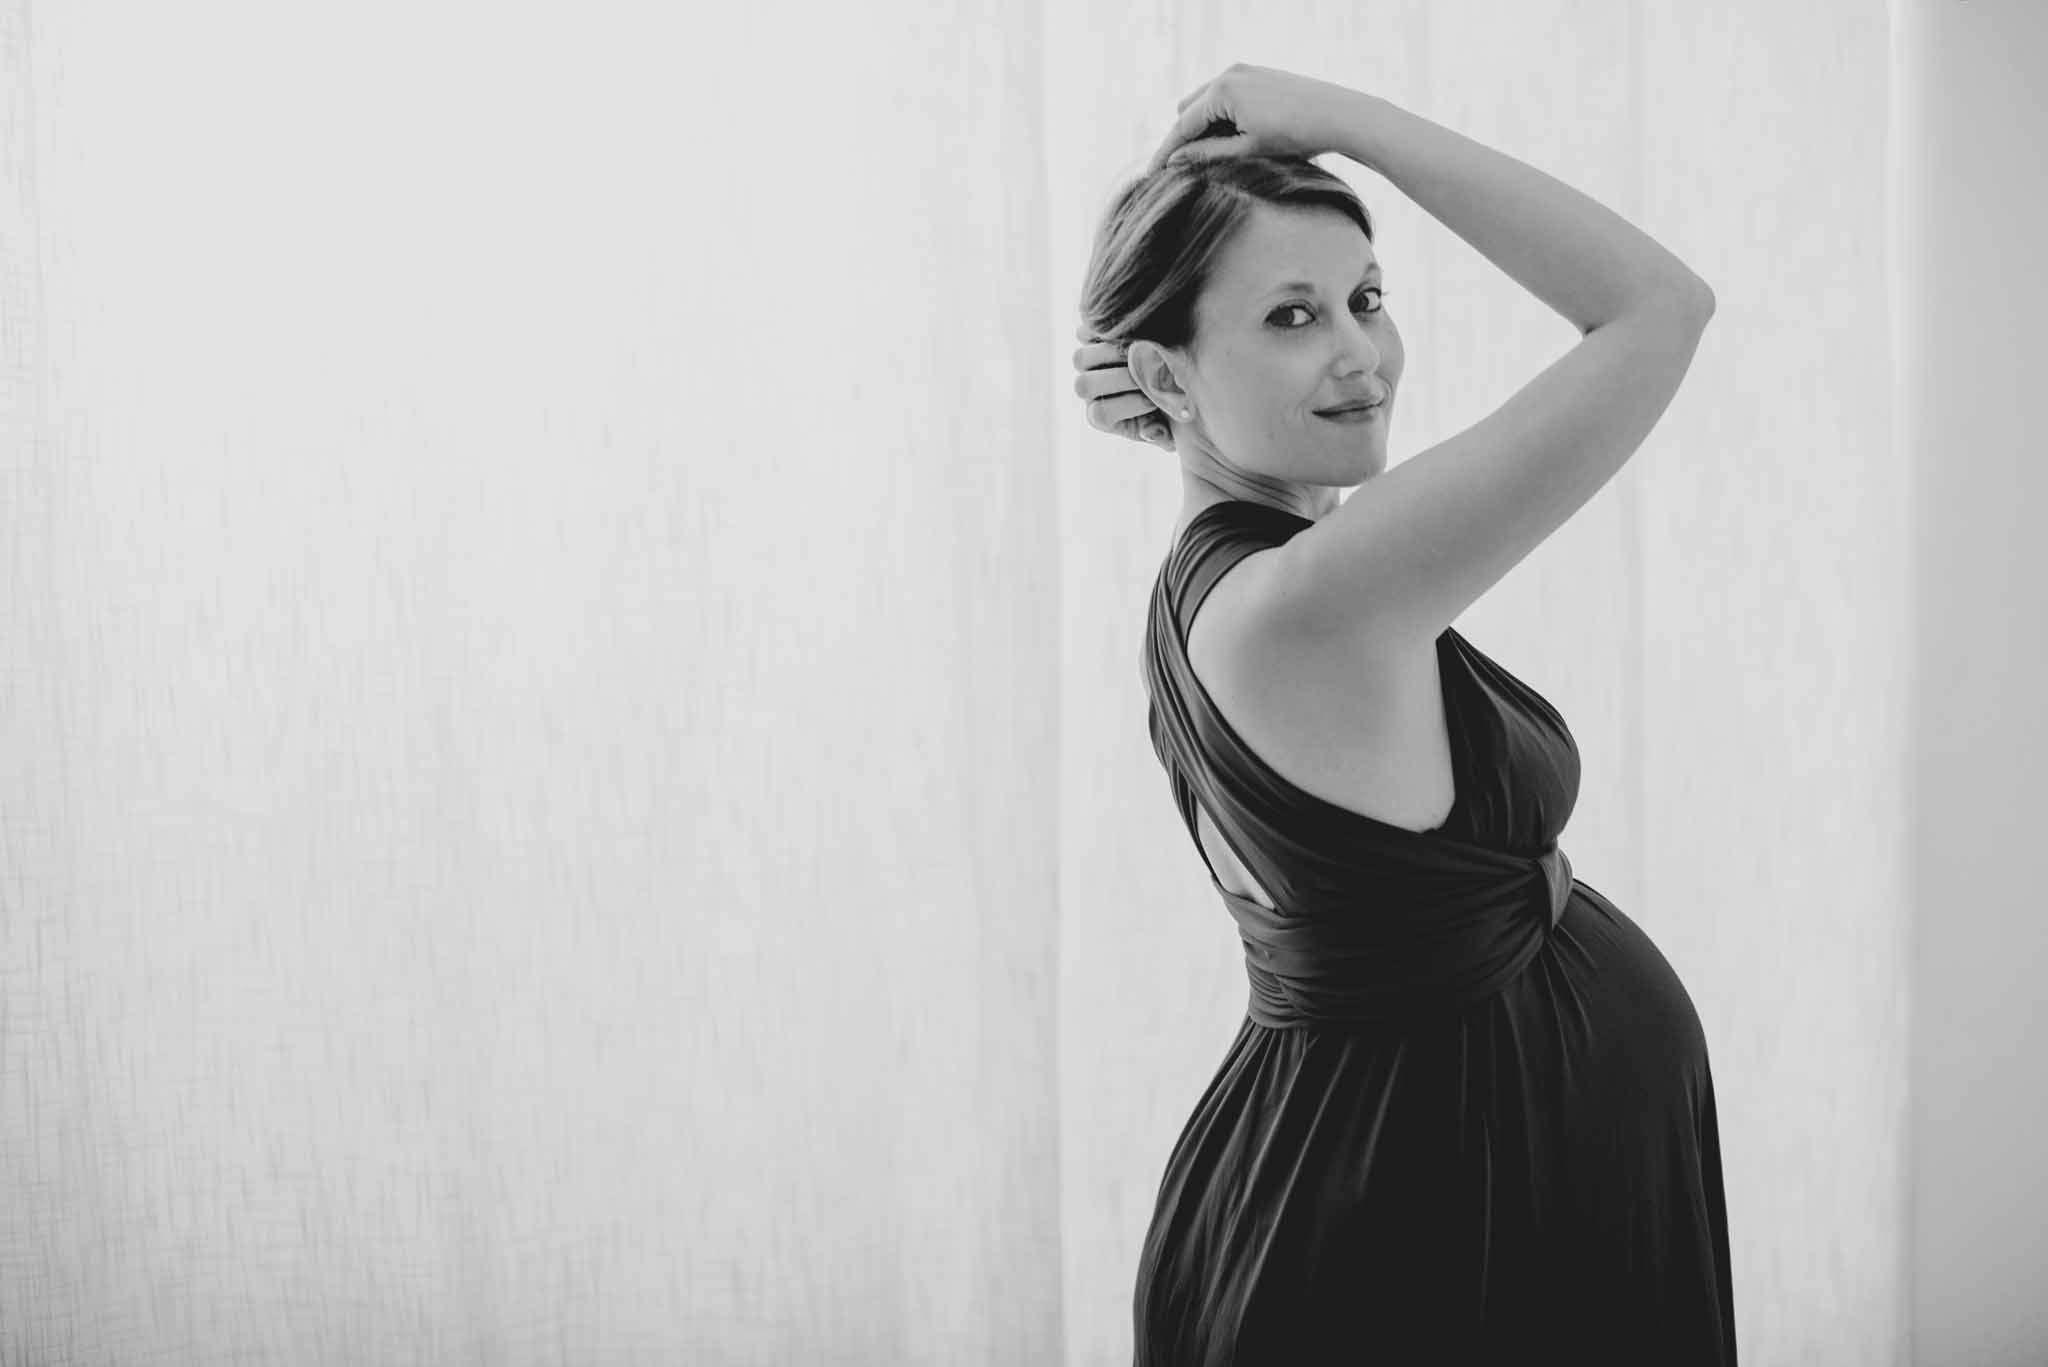 Donna in gravidanza felice mentre si tocca i capelli - Fotografia Gravidanza, Maternità e Premaman Napoli in studio e Reportage - Fotografo specializzato in genitorialità, nascita e newborn.